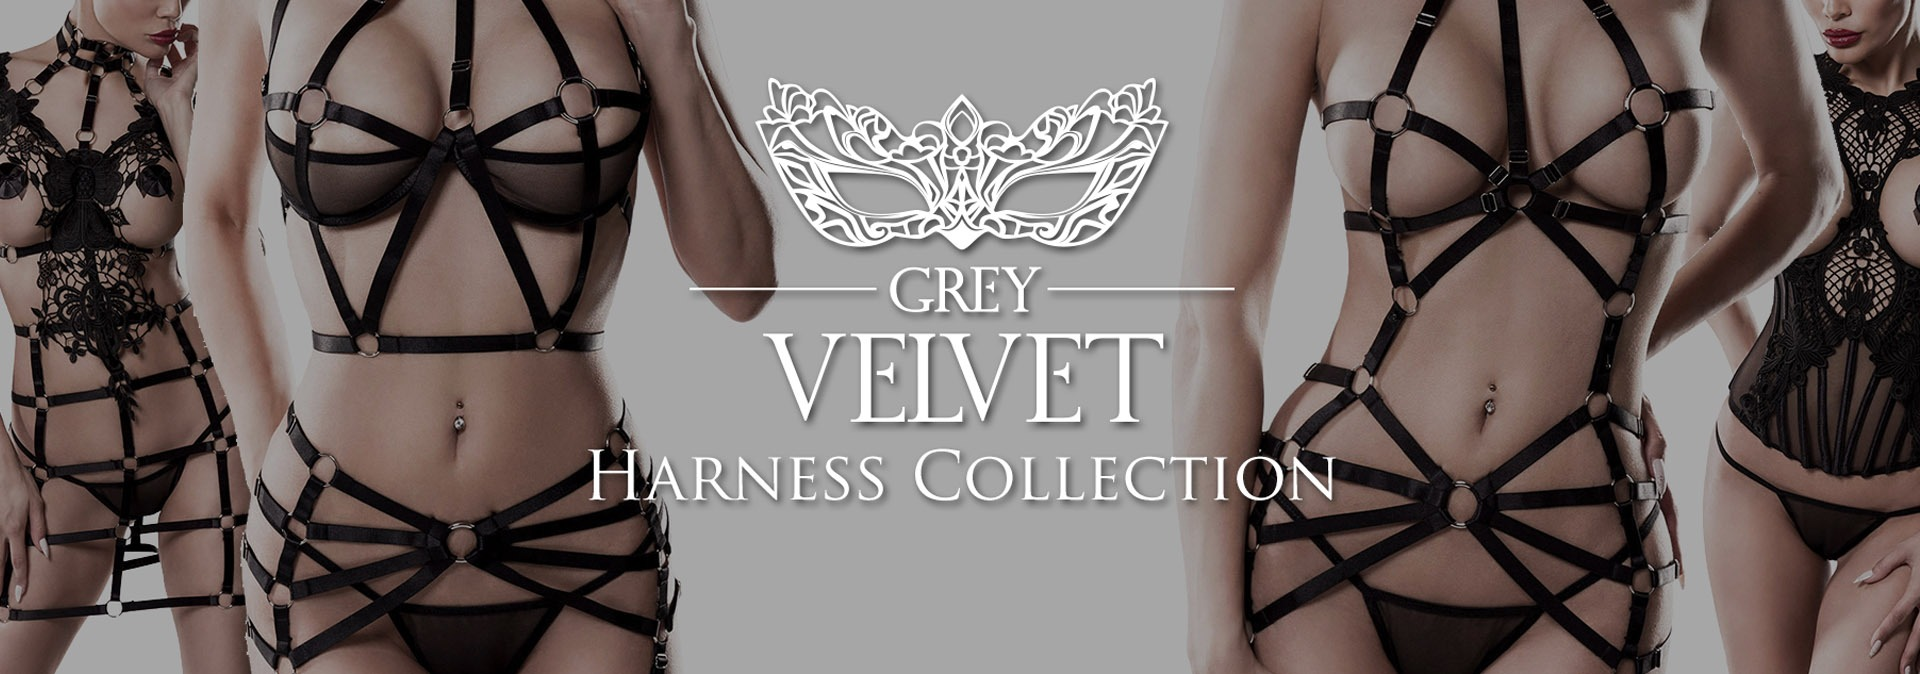 Grey Velvet lingerie banner piment plume boutique Belgique sexy